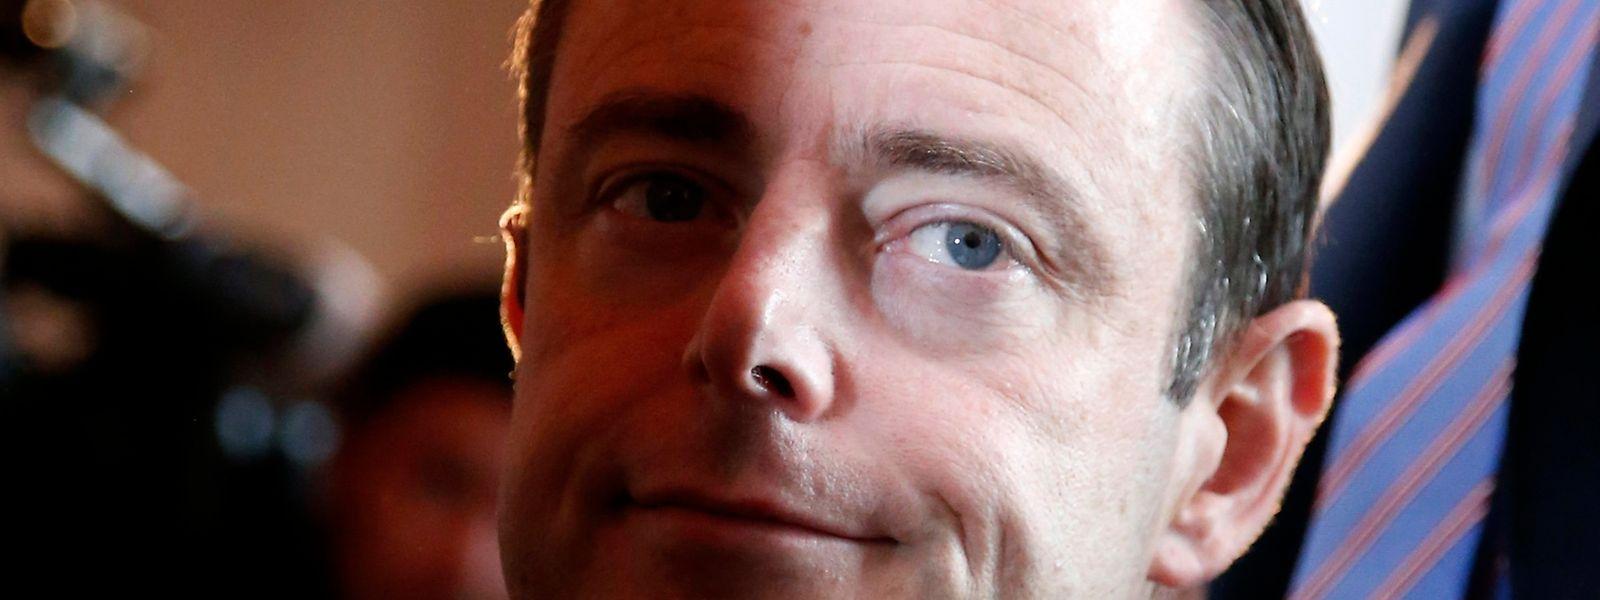 Bart De Wever va-t-il essayer de trouver des points de convergence entre les partis susceptibles de mener à une coalition fédérale?